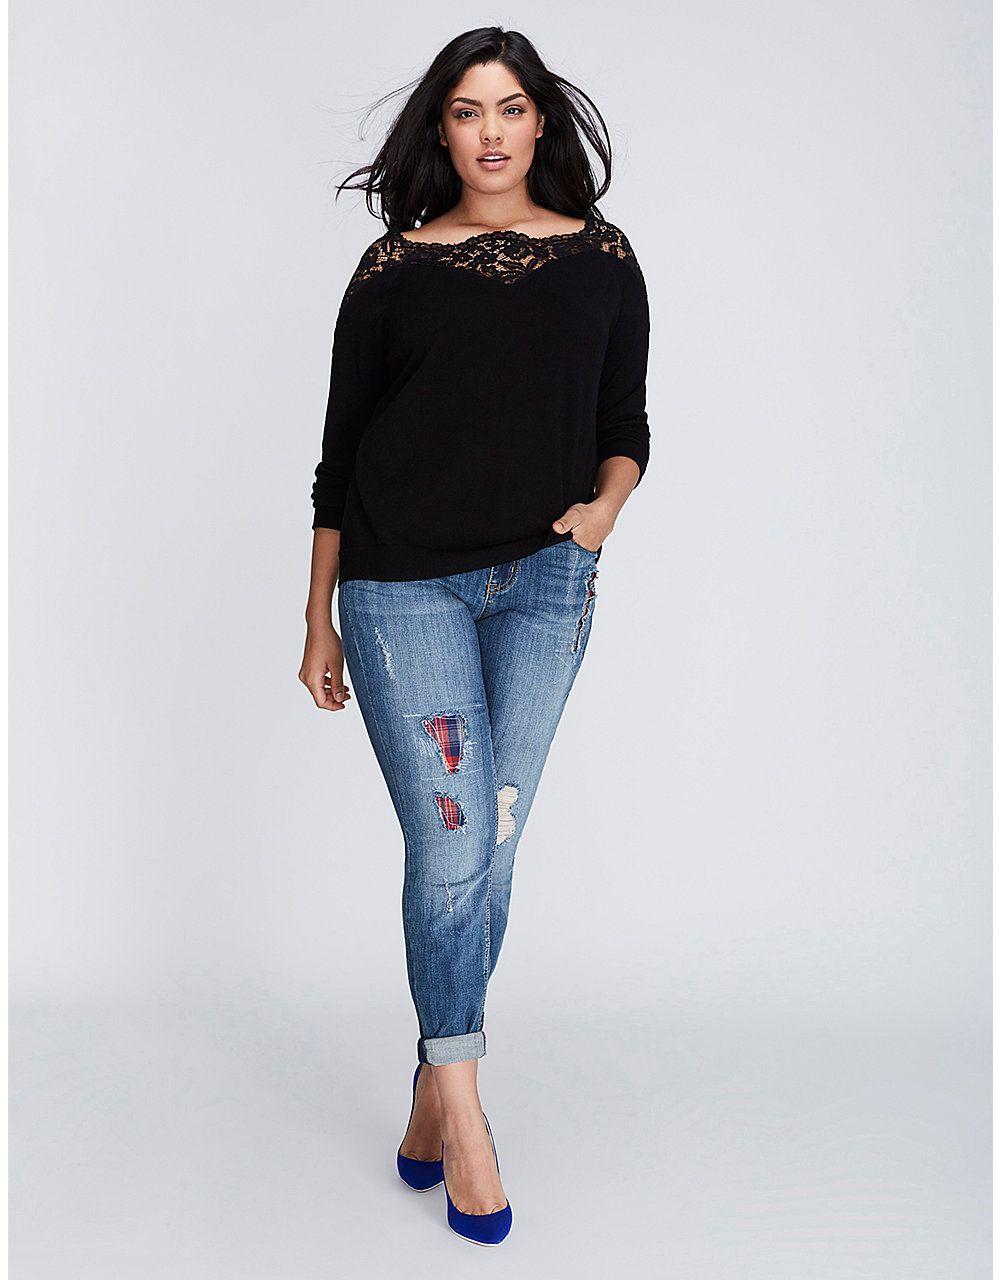 Lace Yoke Sweater | Lane Bryant | My Style | Pinterest | Shopping